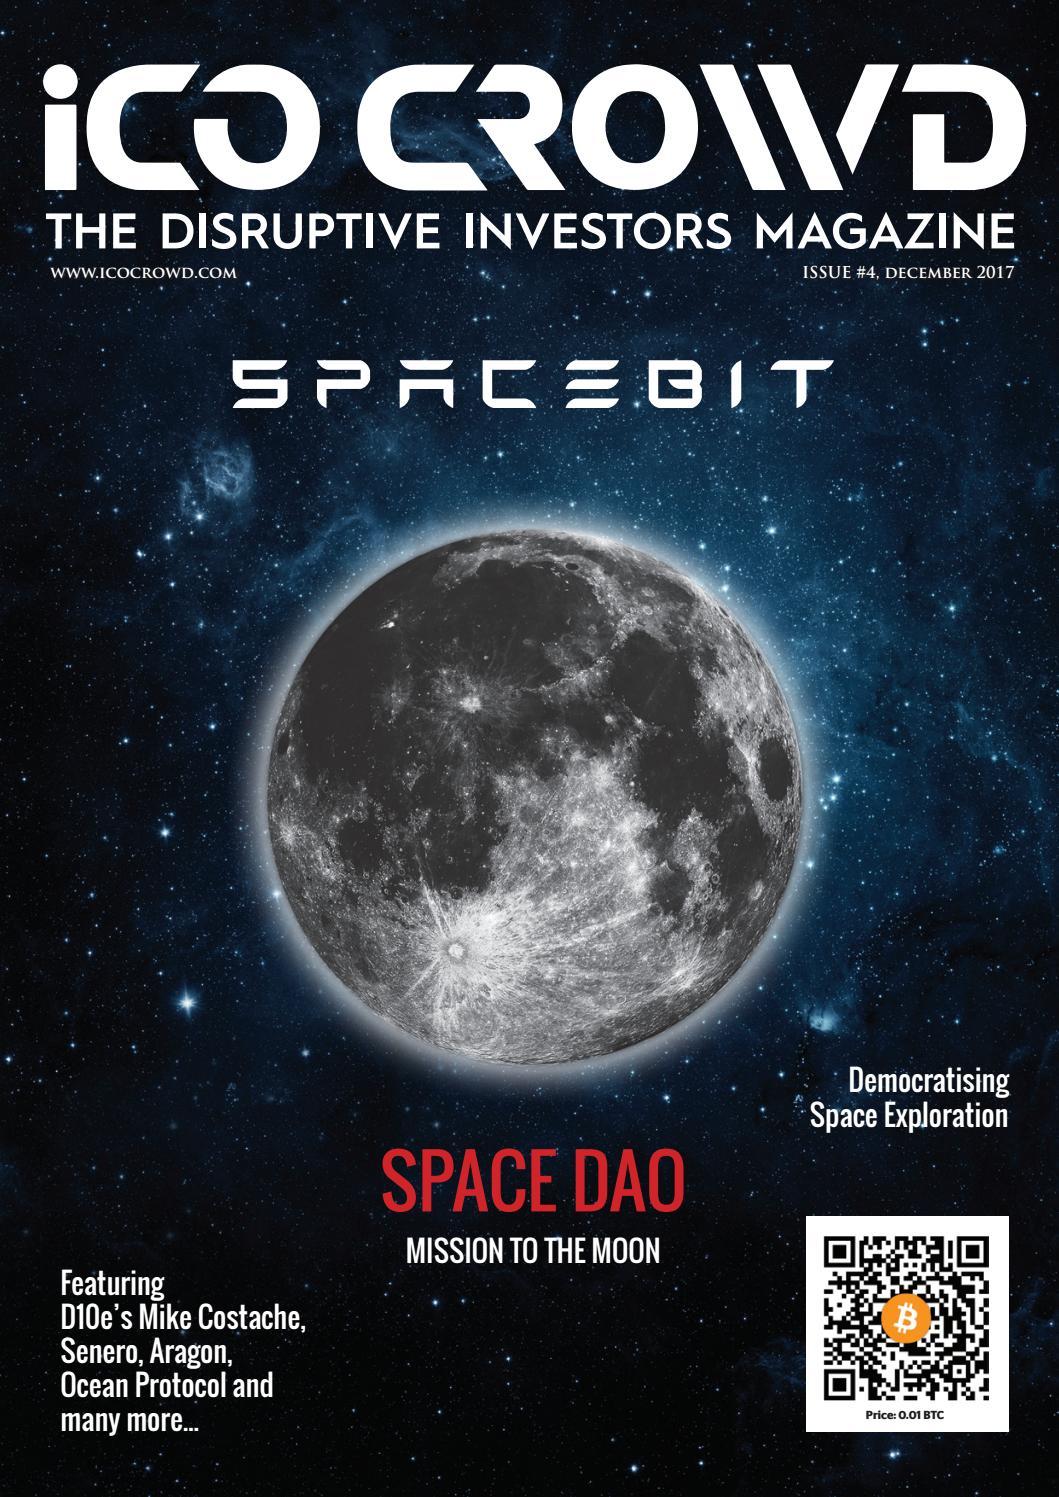 ico crowd magazine